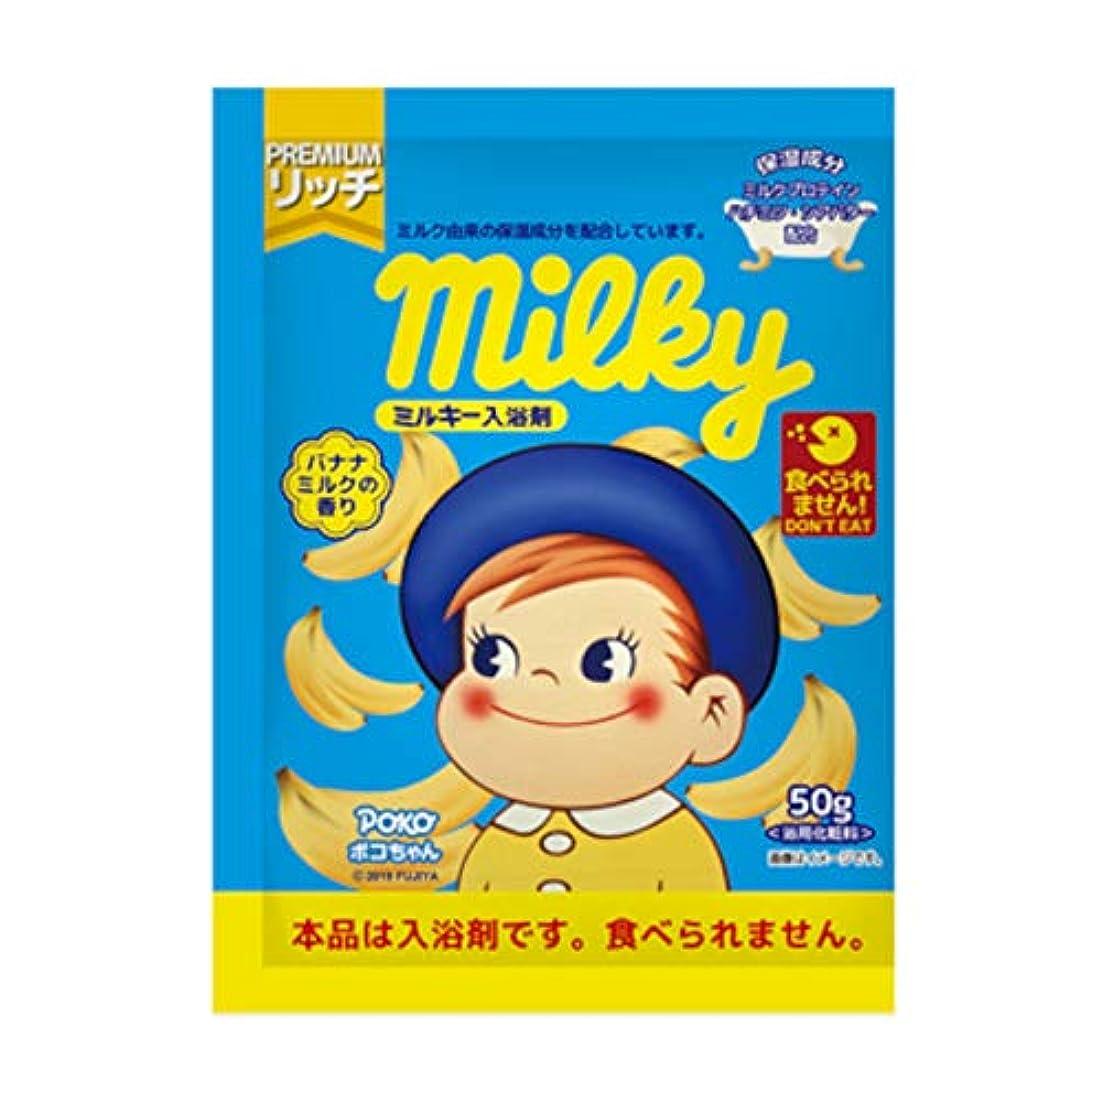 決定するロイヤリティレクリエーションミルキー入浴剤 ポコちゃん バナナミルクの香り 50g N-8786